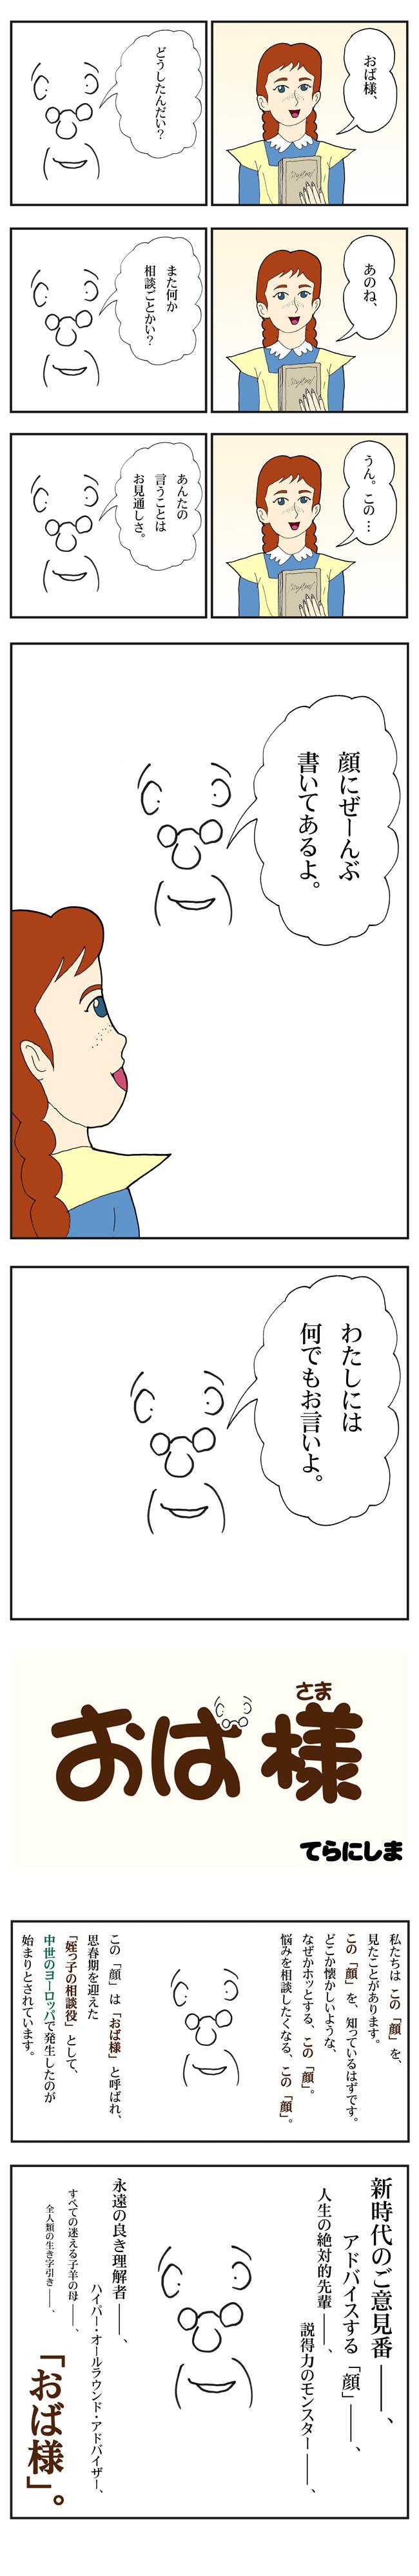 obasama_1